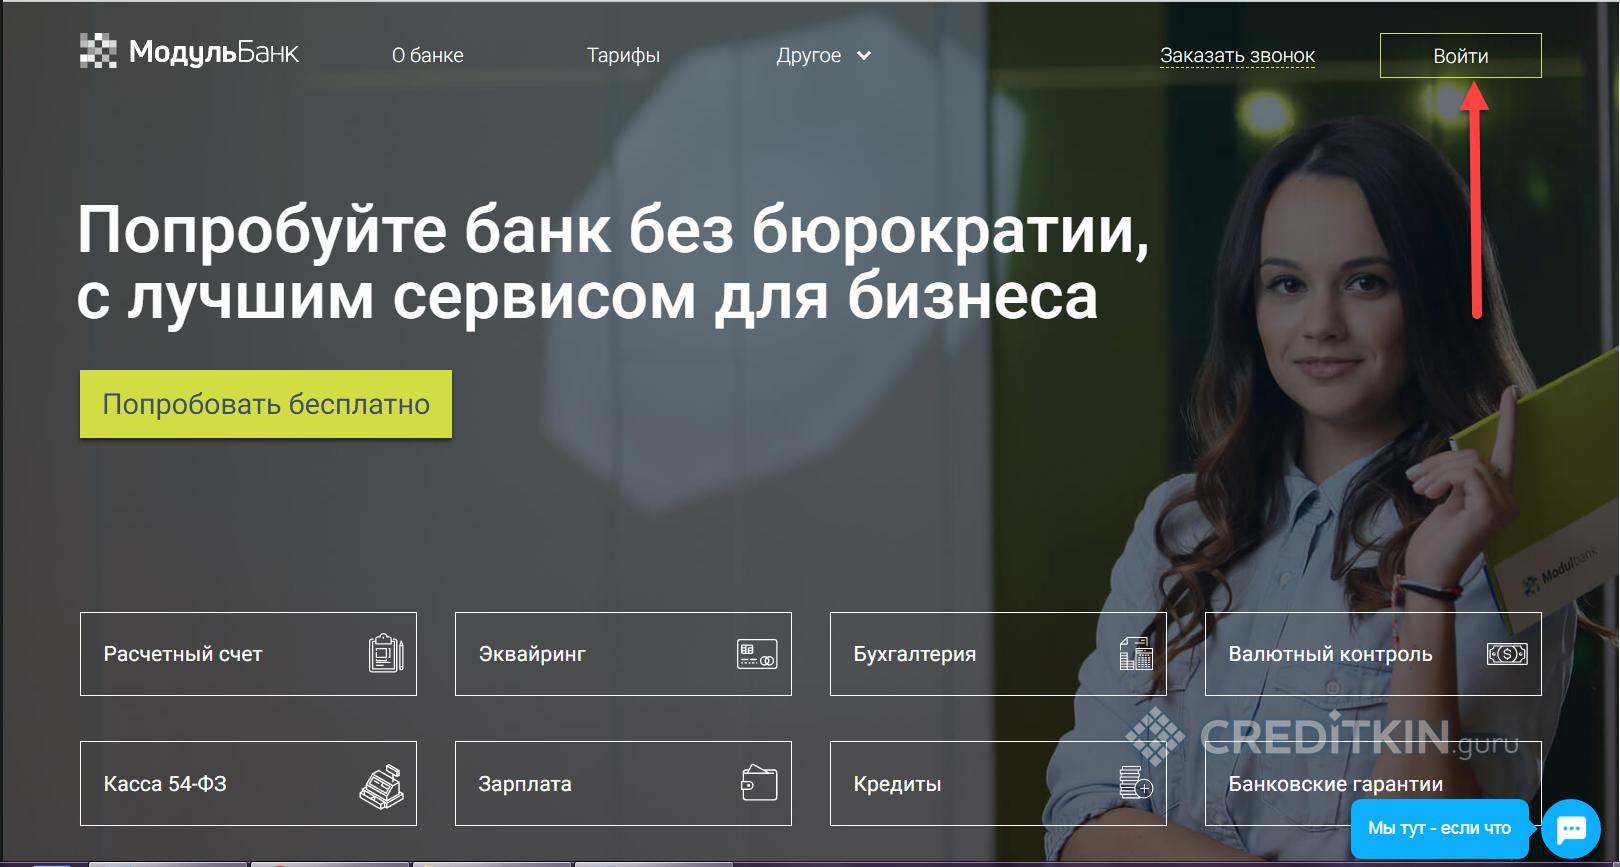 Регистрация и вход в интернет-банк